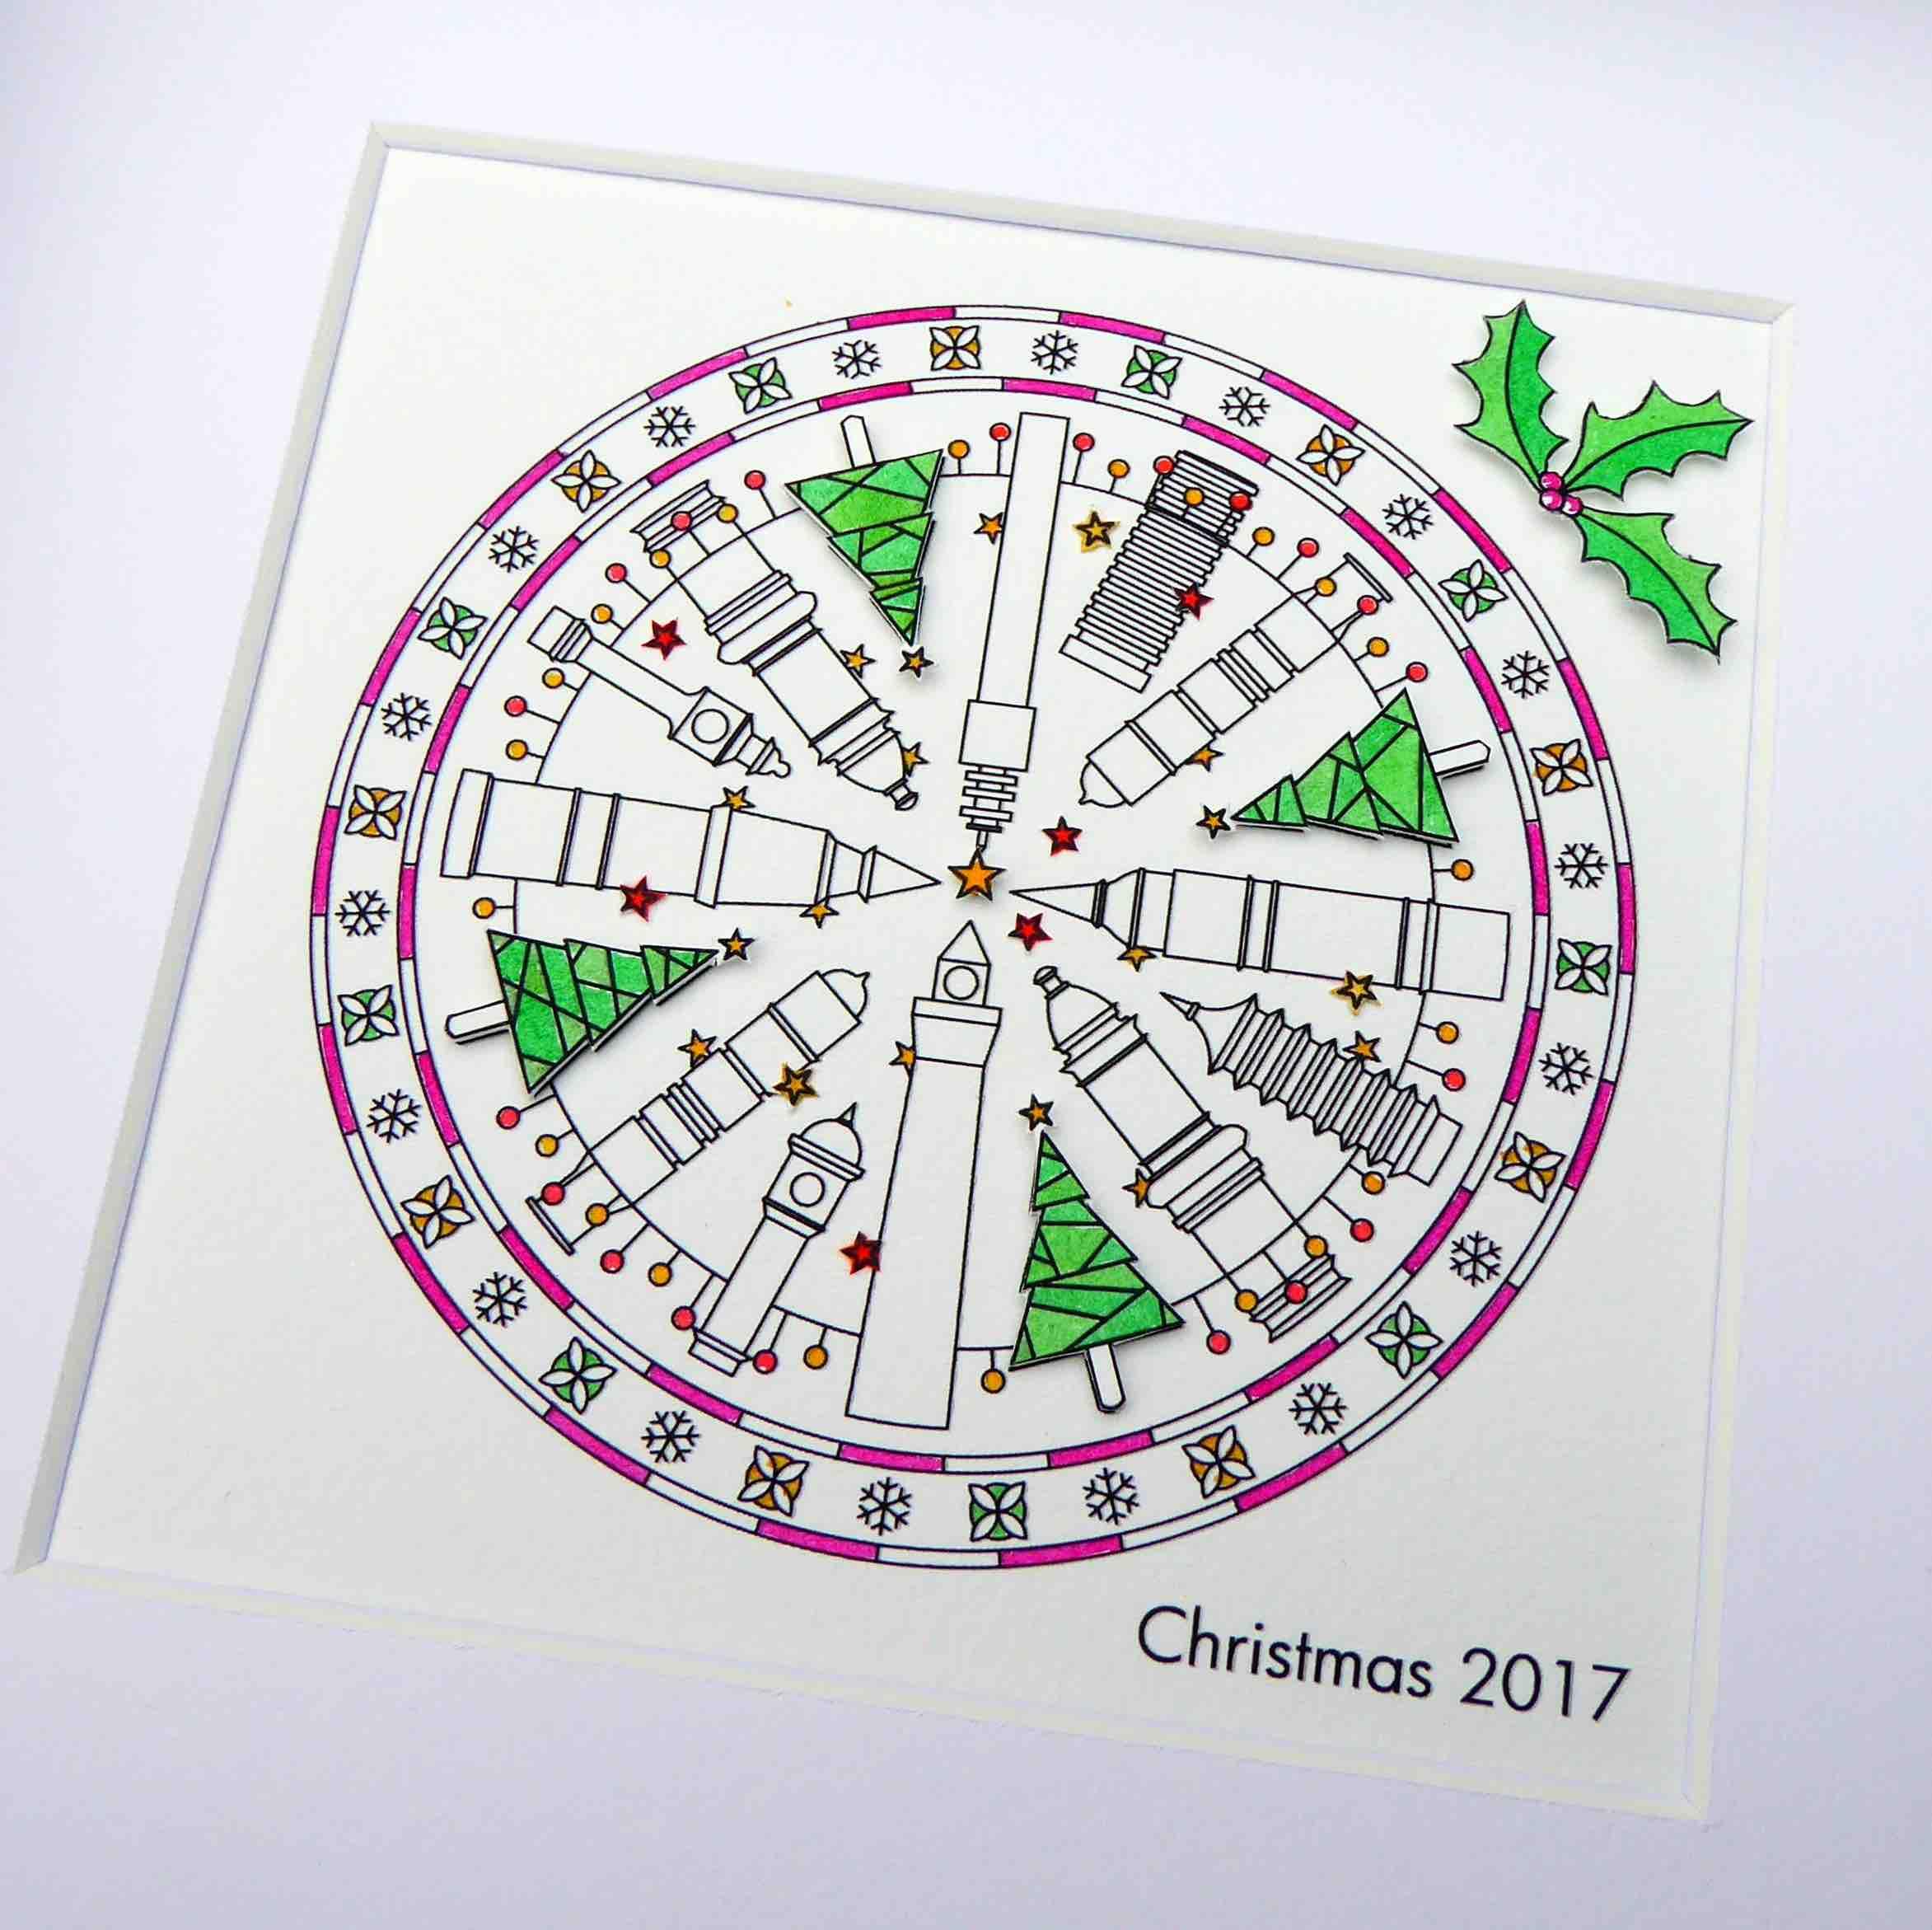 Christmas Card 2017 02.jpg